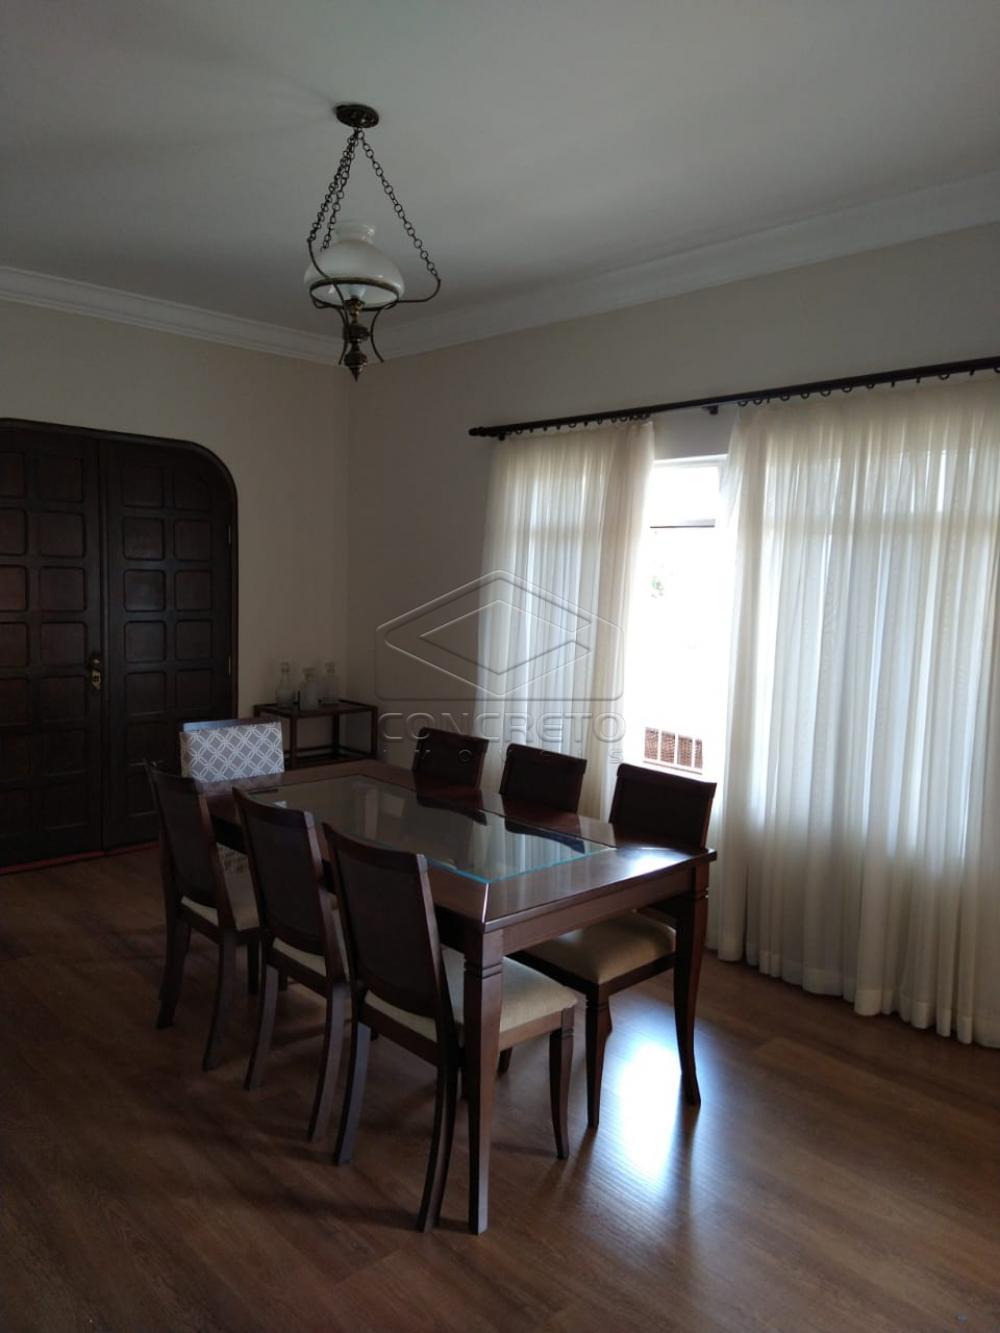 Alugar Casa / Residencia em Lençóis Paulista apenas R$ 4.000,00 - Foto 11